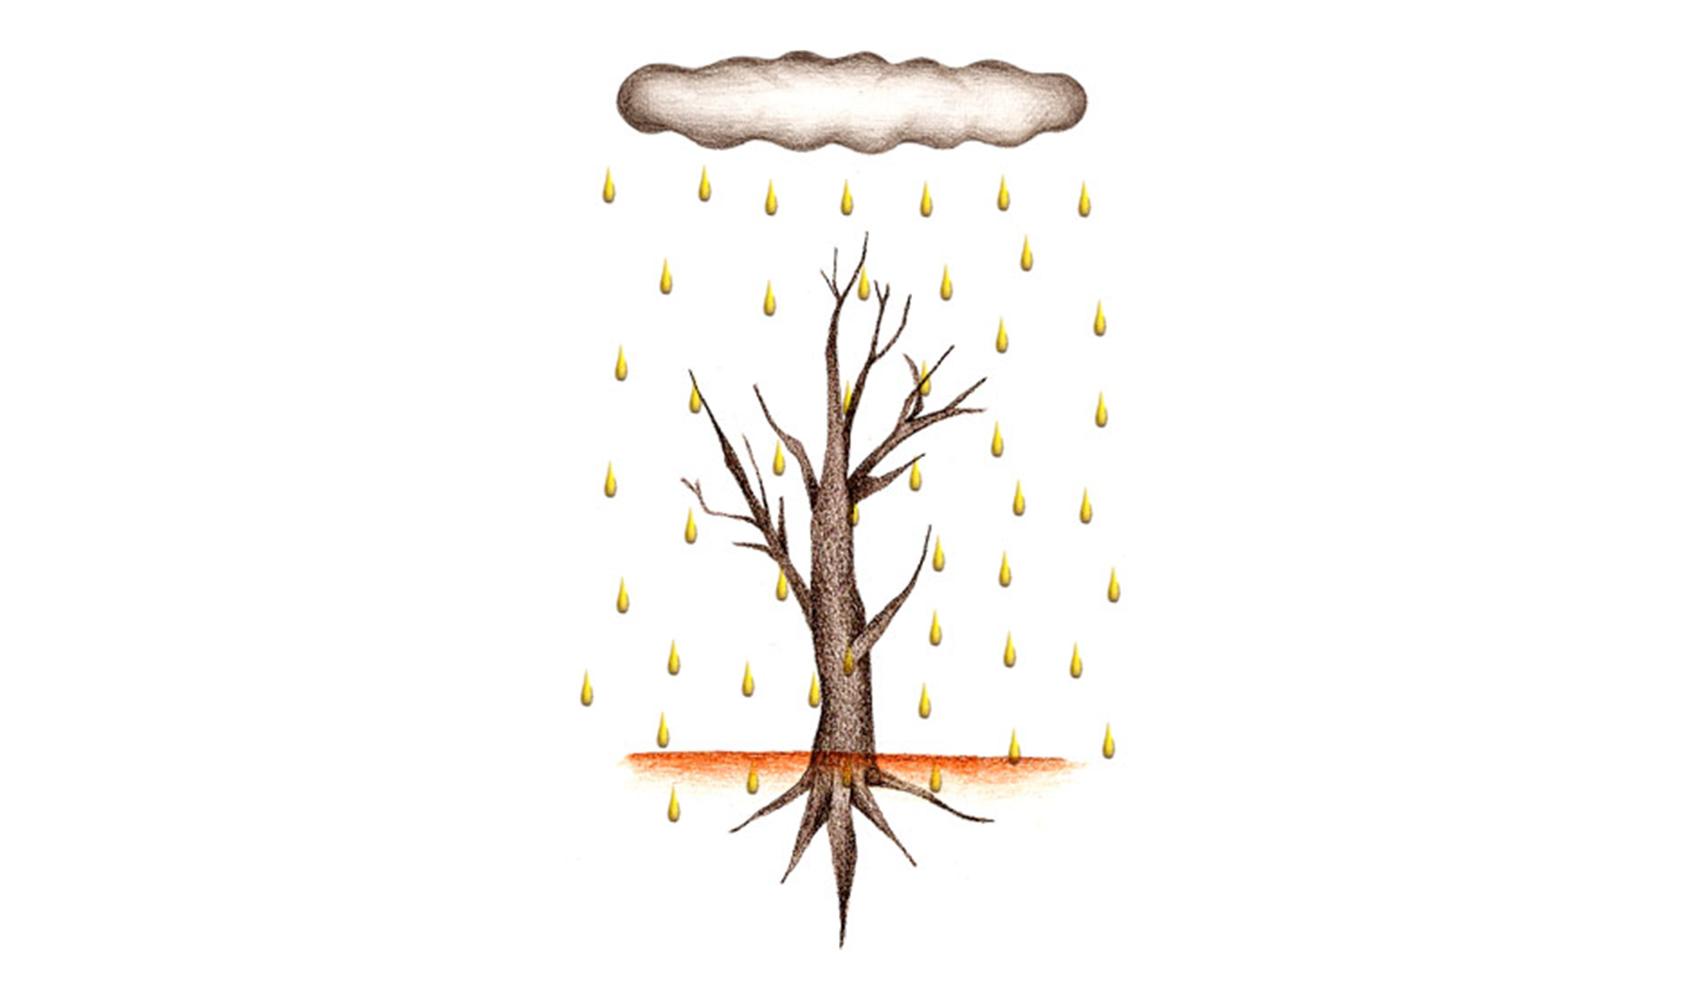 酸性雨がふると、どんなことが起こりますか?